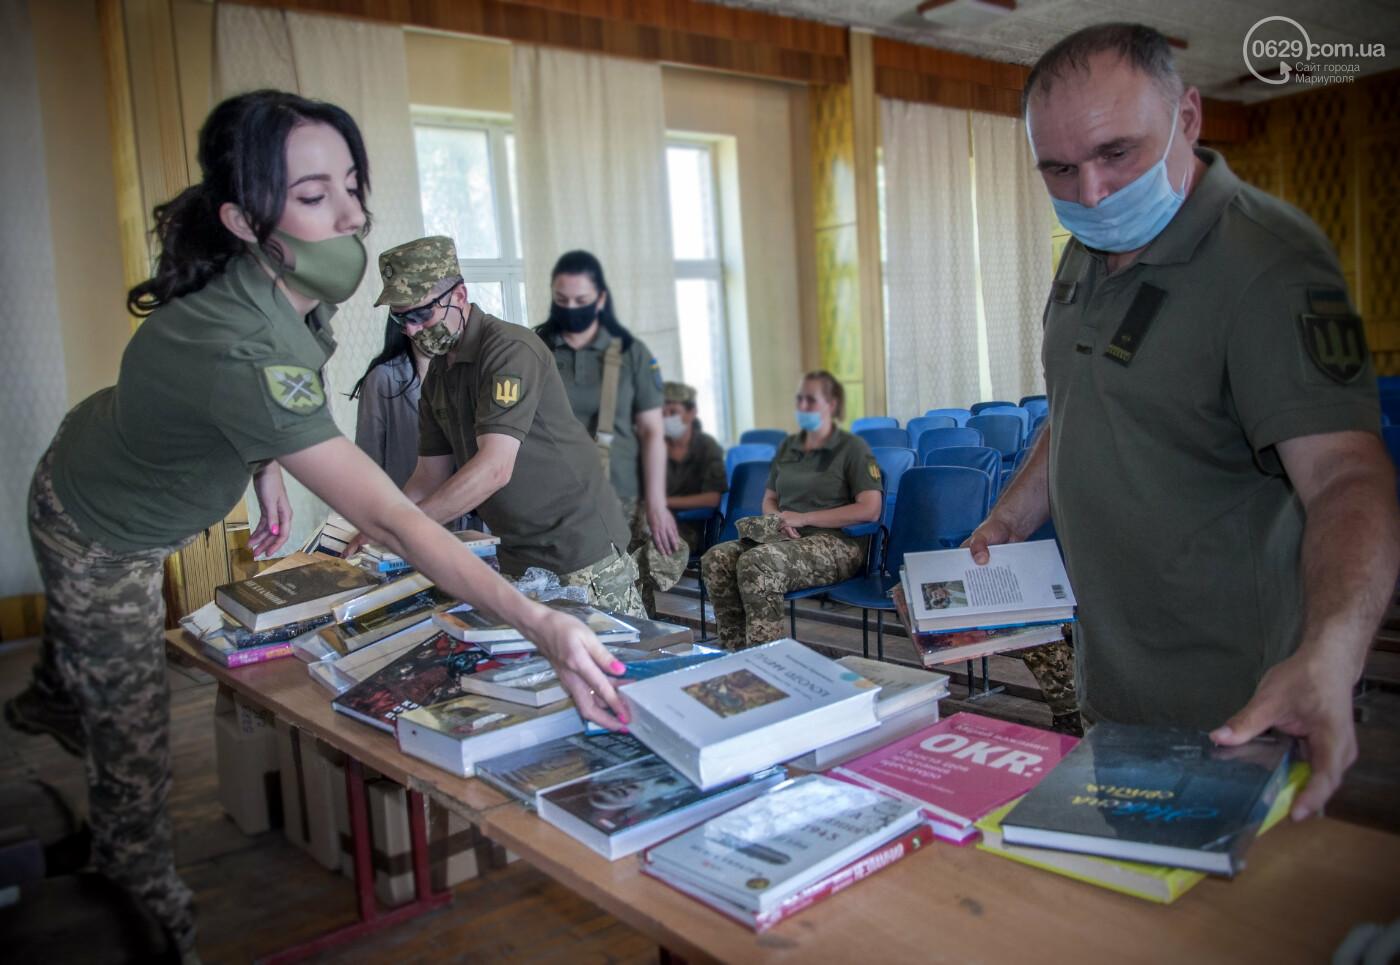 Библиотека Для Героев: Yakaboo передала украинским военным в Мариуполе 400 книг, - ФОТО, фото-3